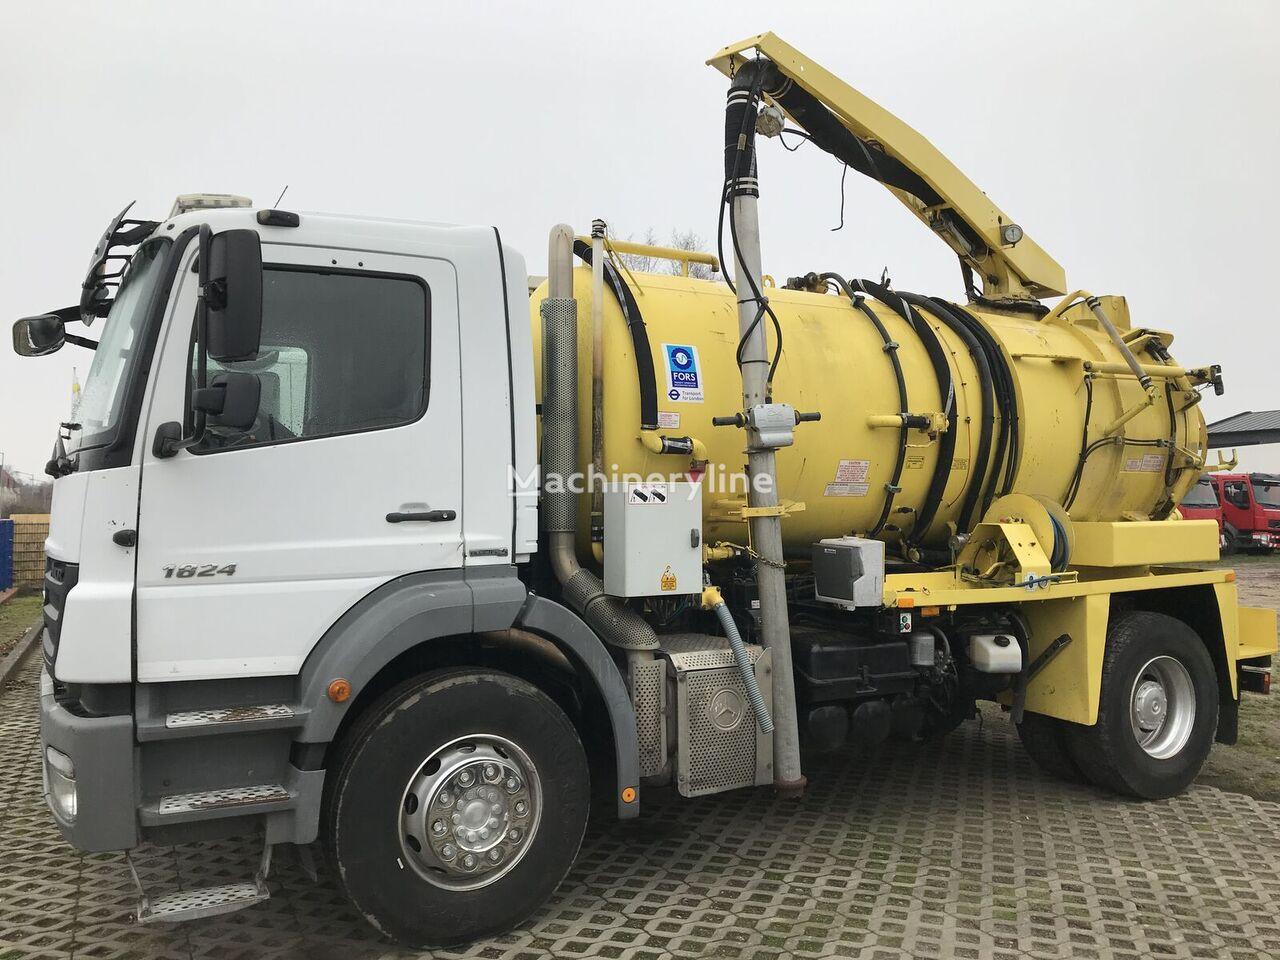 MERCEDES-BENZ Axor 1824 Saug und Druckwagen / Hochdruck / High Pressure Tanker sewer jetter truck